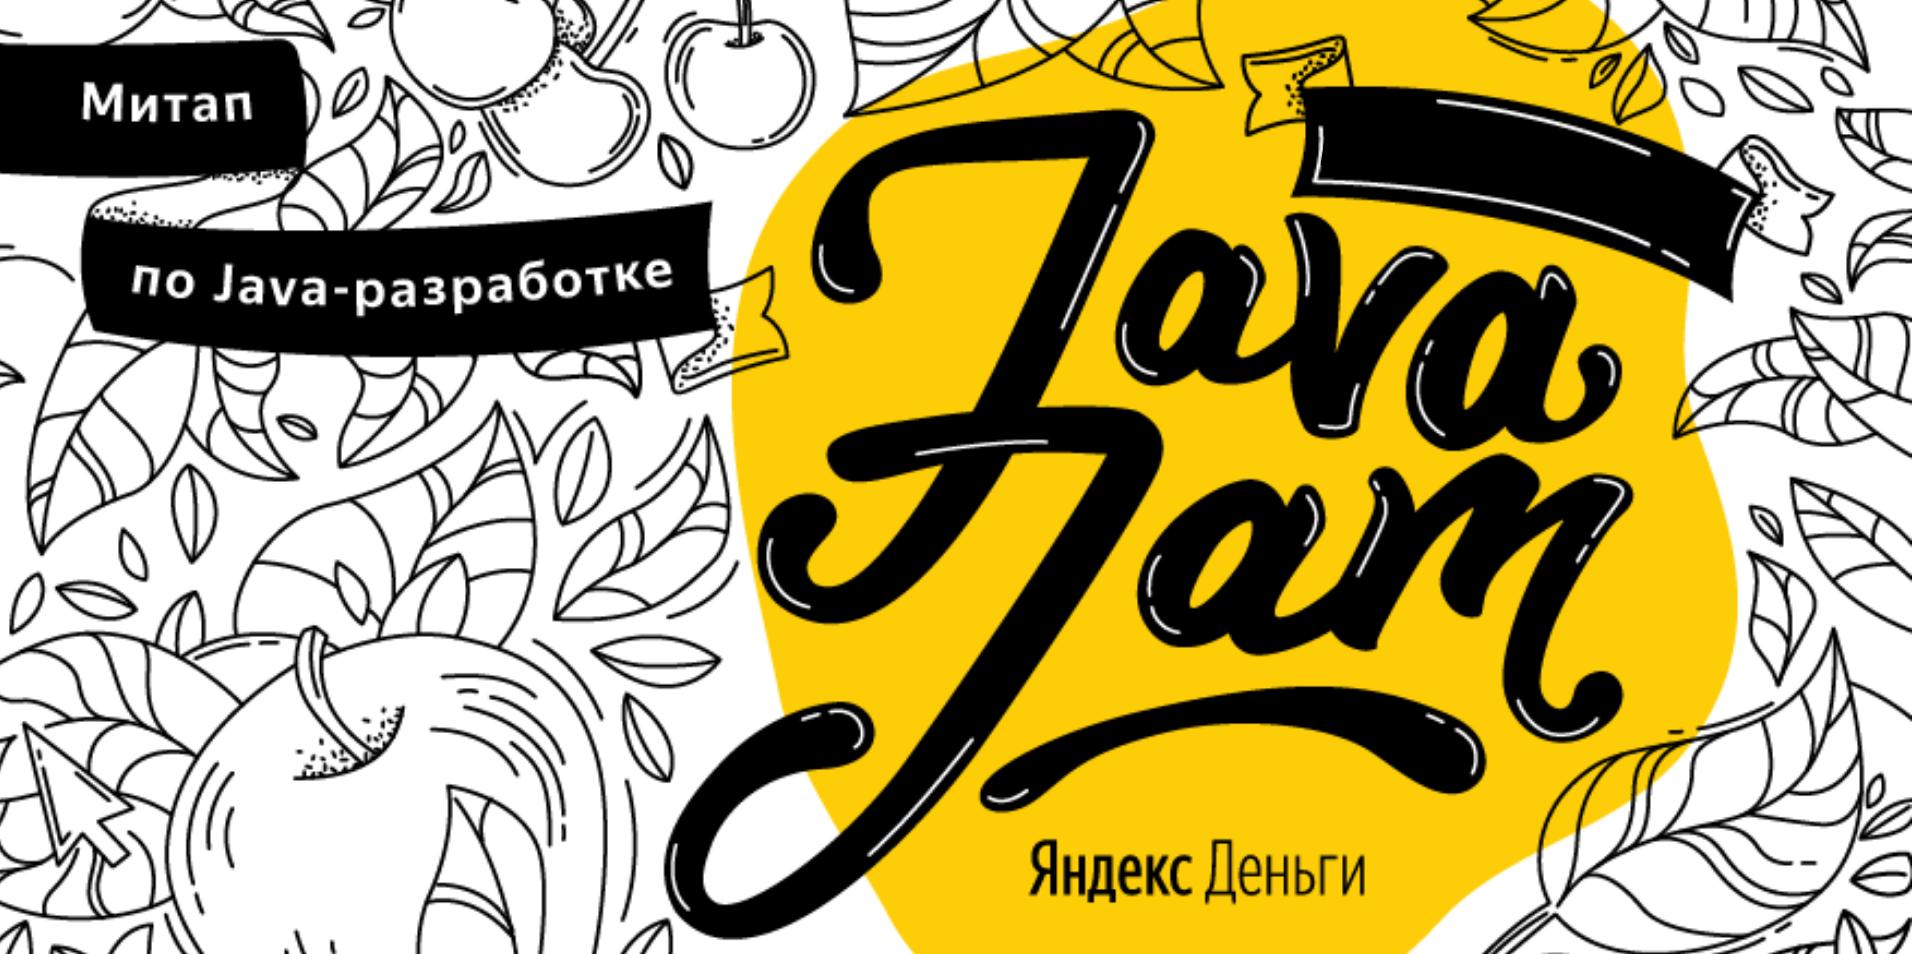 Оптимизируй, автоматизируй и мониторь: видео по бэкенд-разработке с митапа Яндекс.Денег